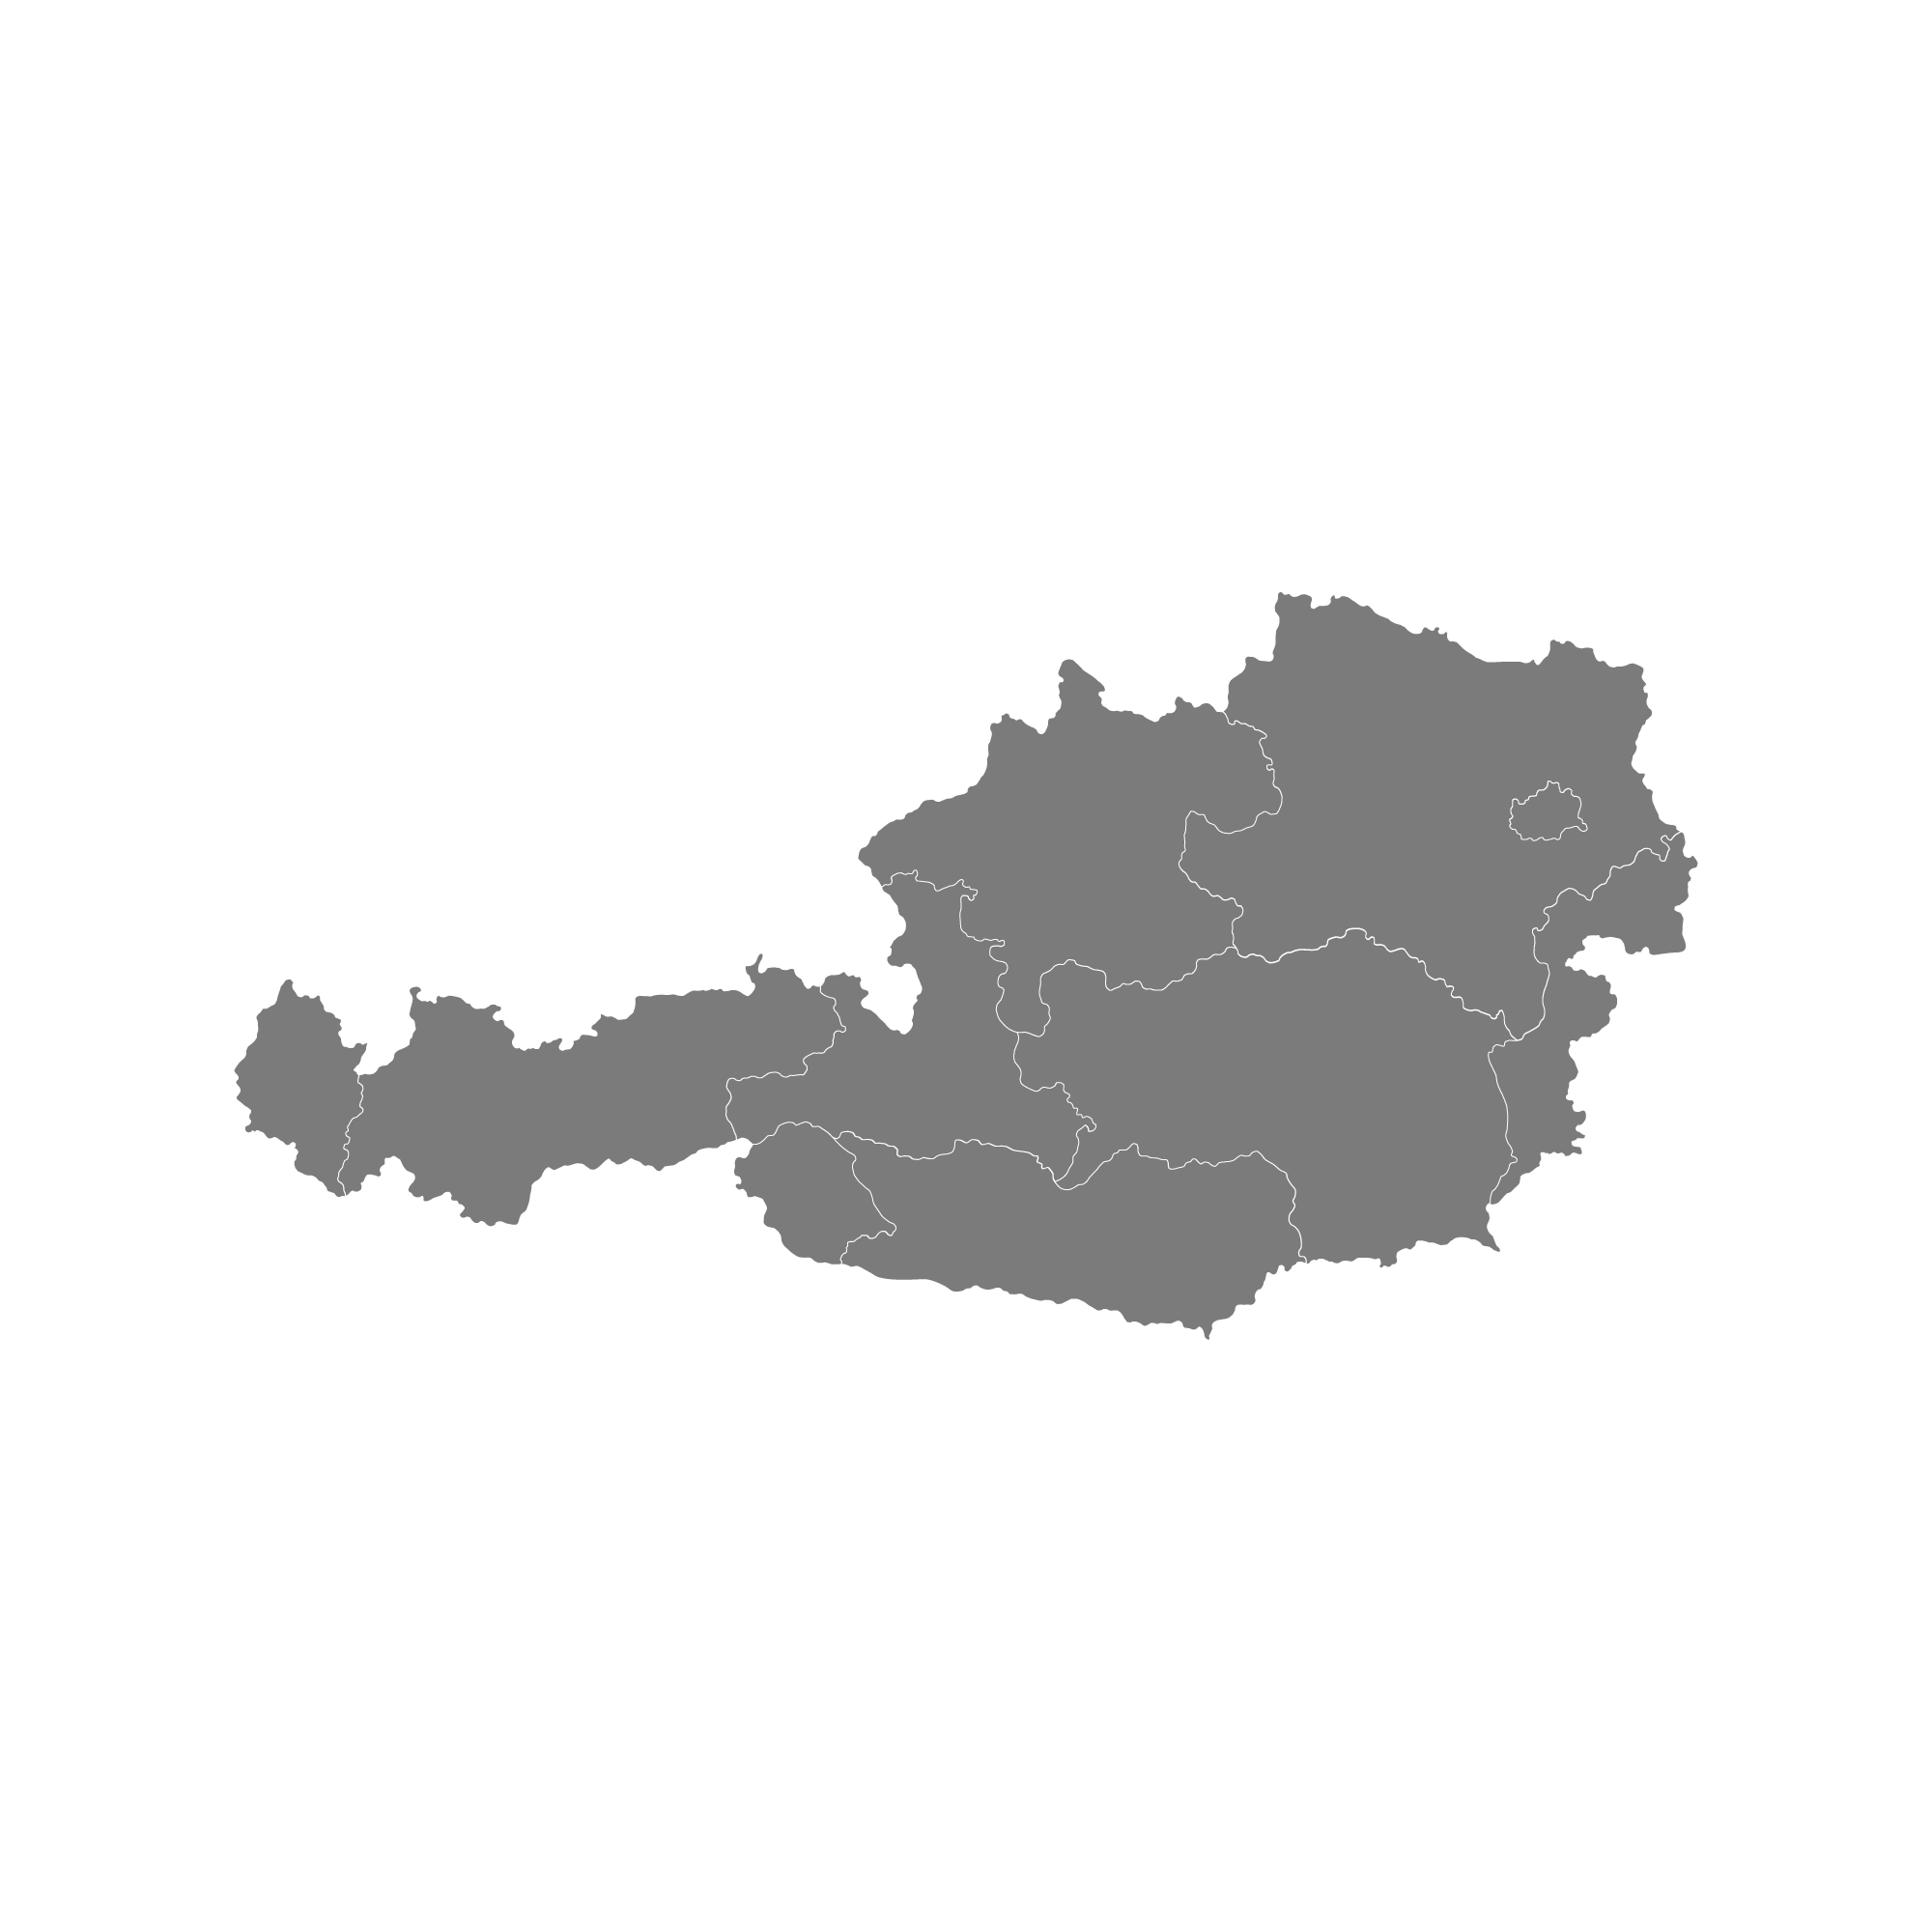 Austria, país donde realizamos envíos